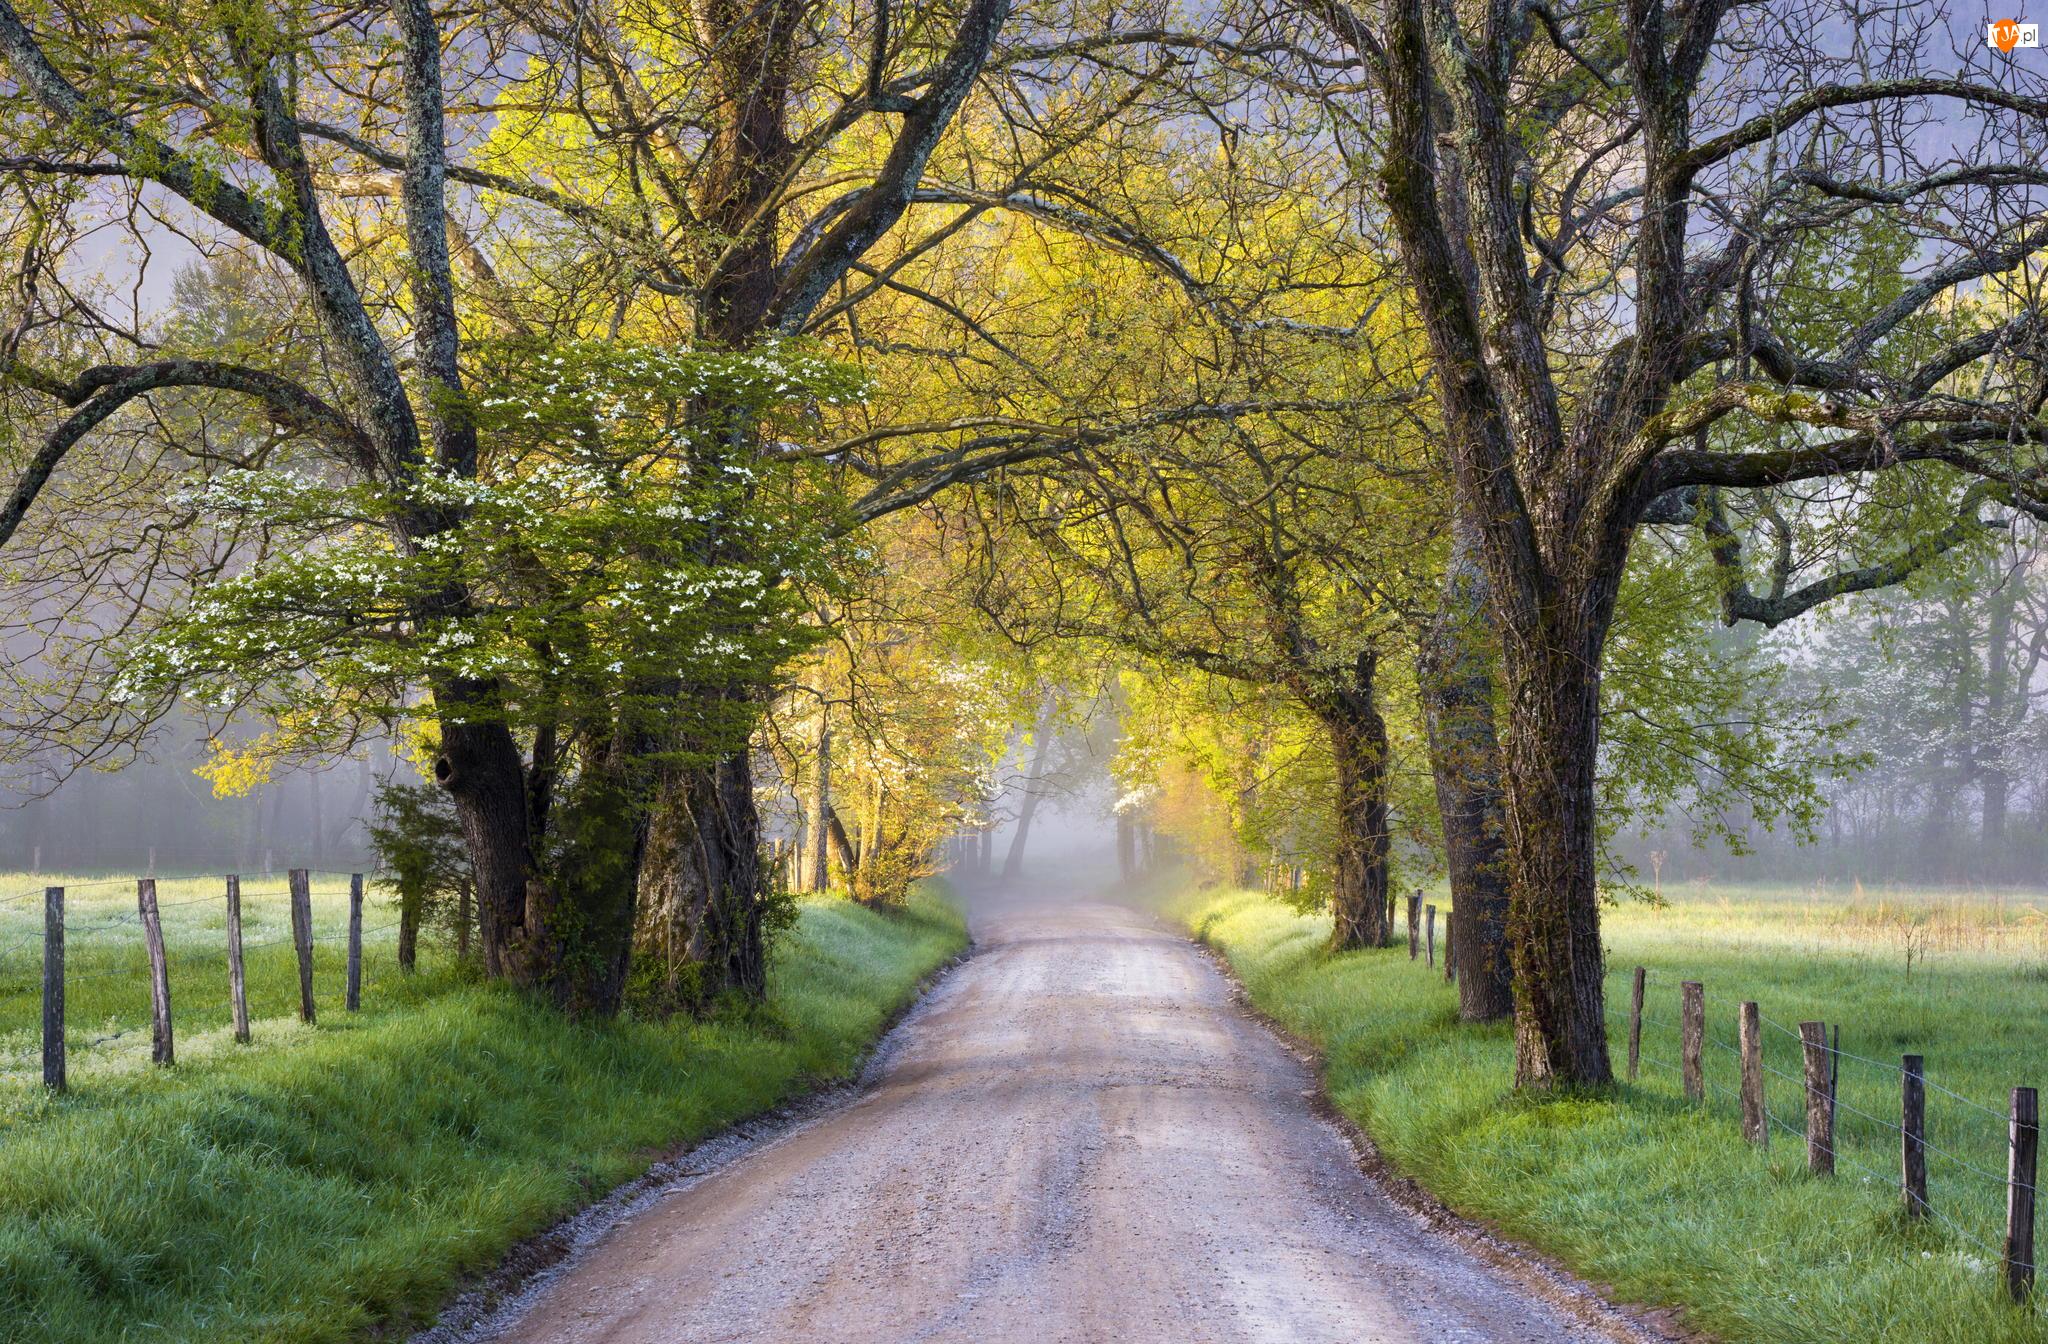 Droga, Dolina Cades Cove, Stan Tennessee, Stany Zjednoczone, Drzewa, Park Narodowy Great Smoky Mountains, Wiosna